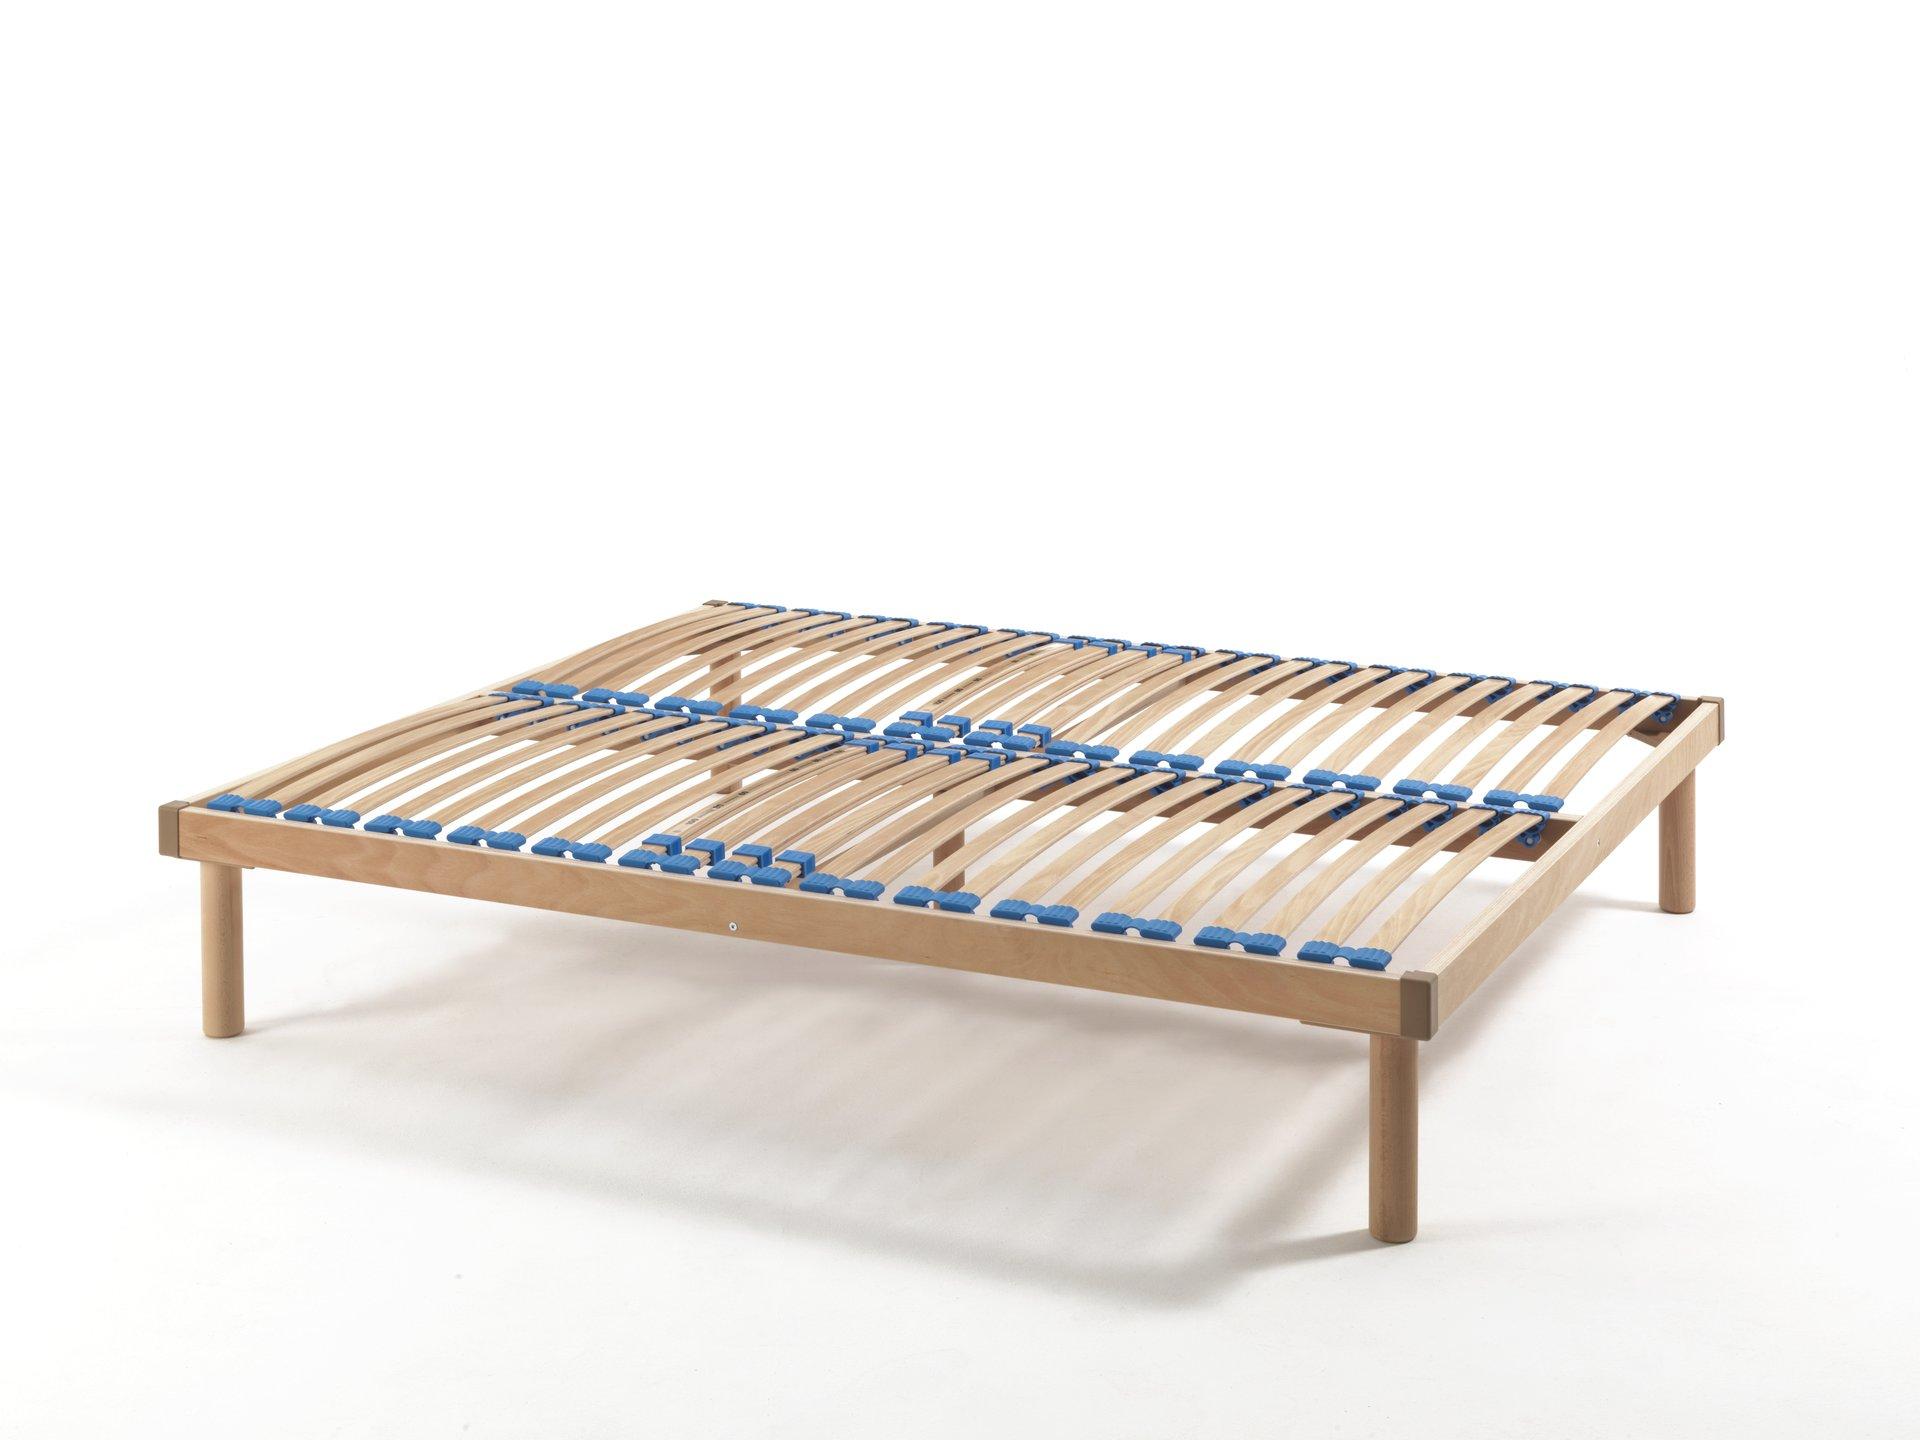 struttura letto ortopedica matrimoniale in legno